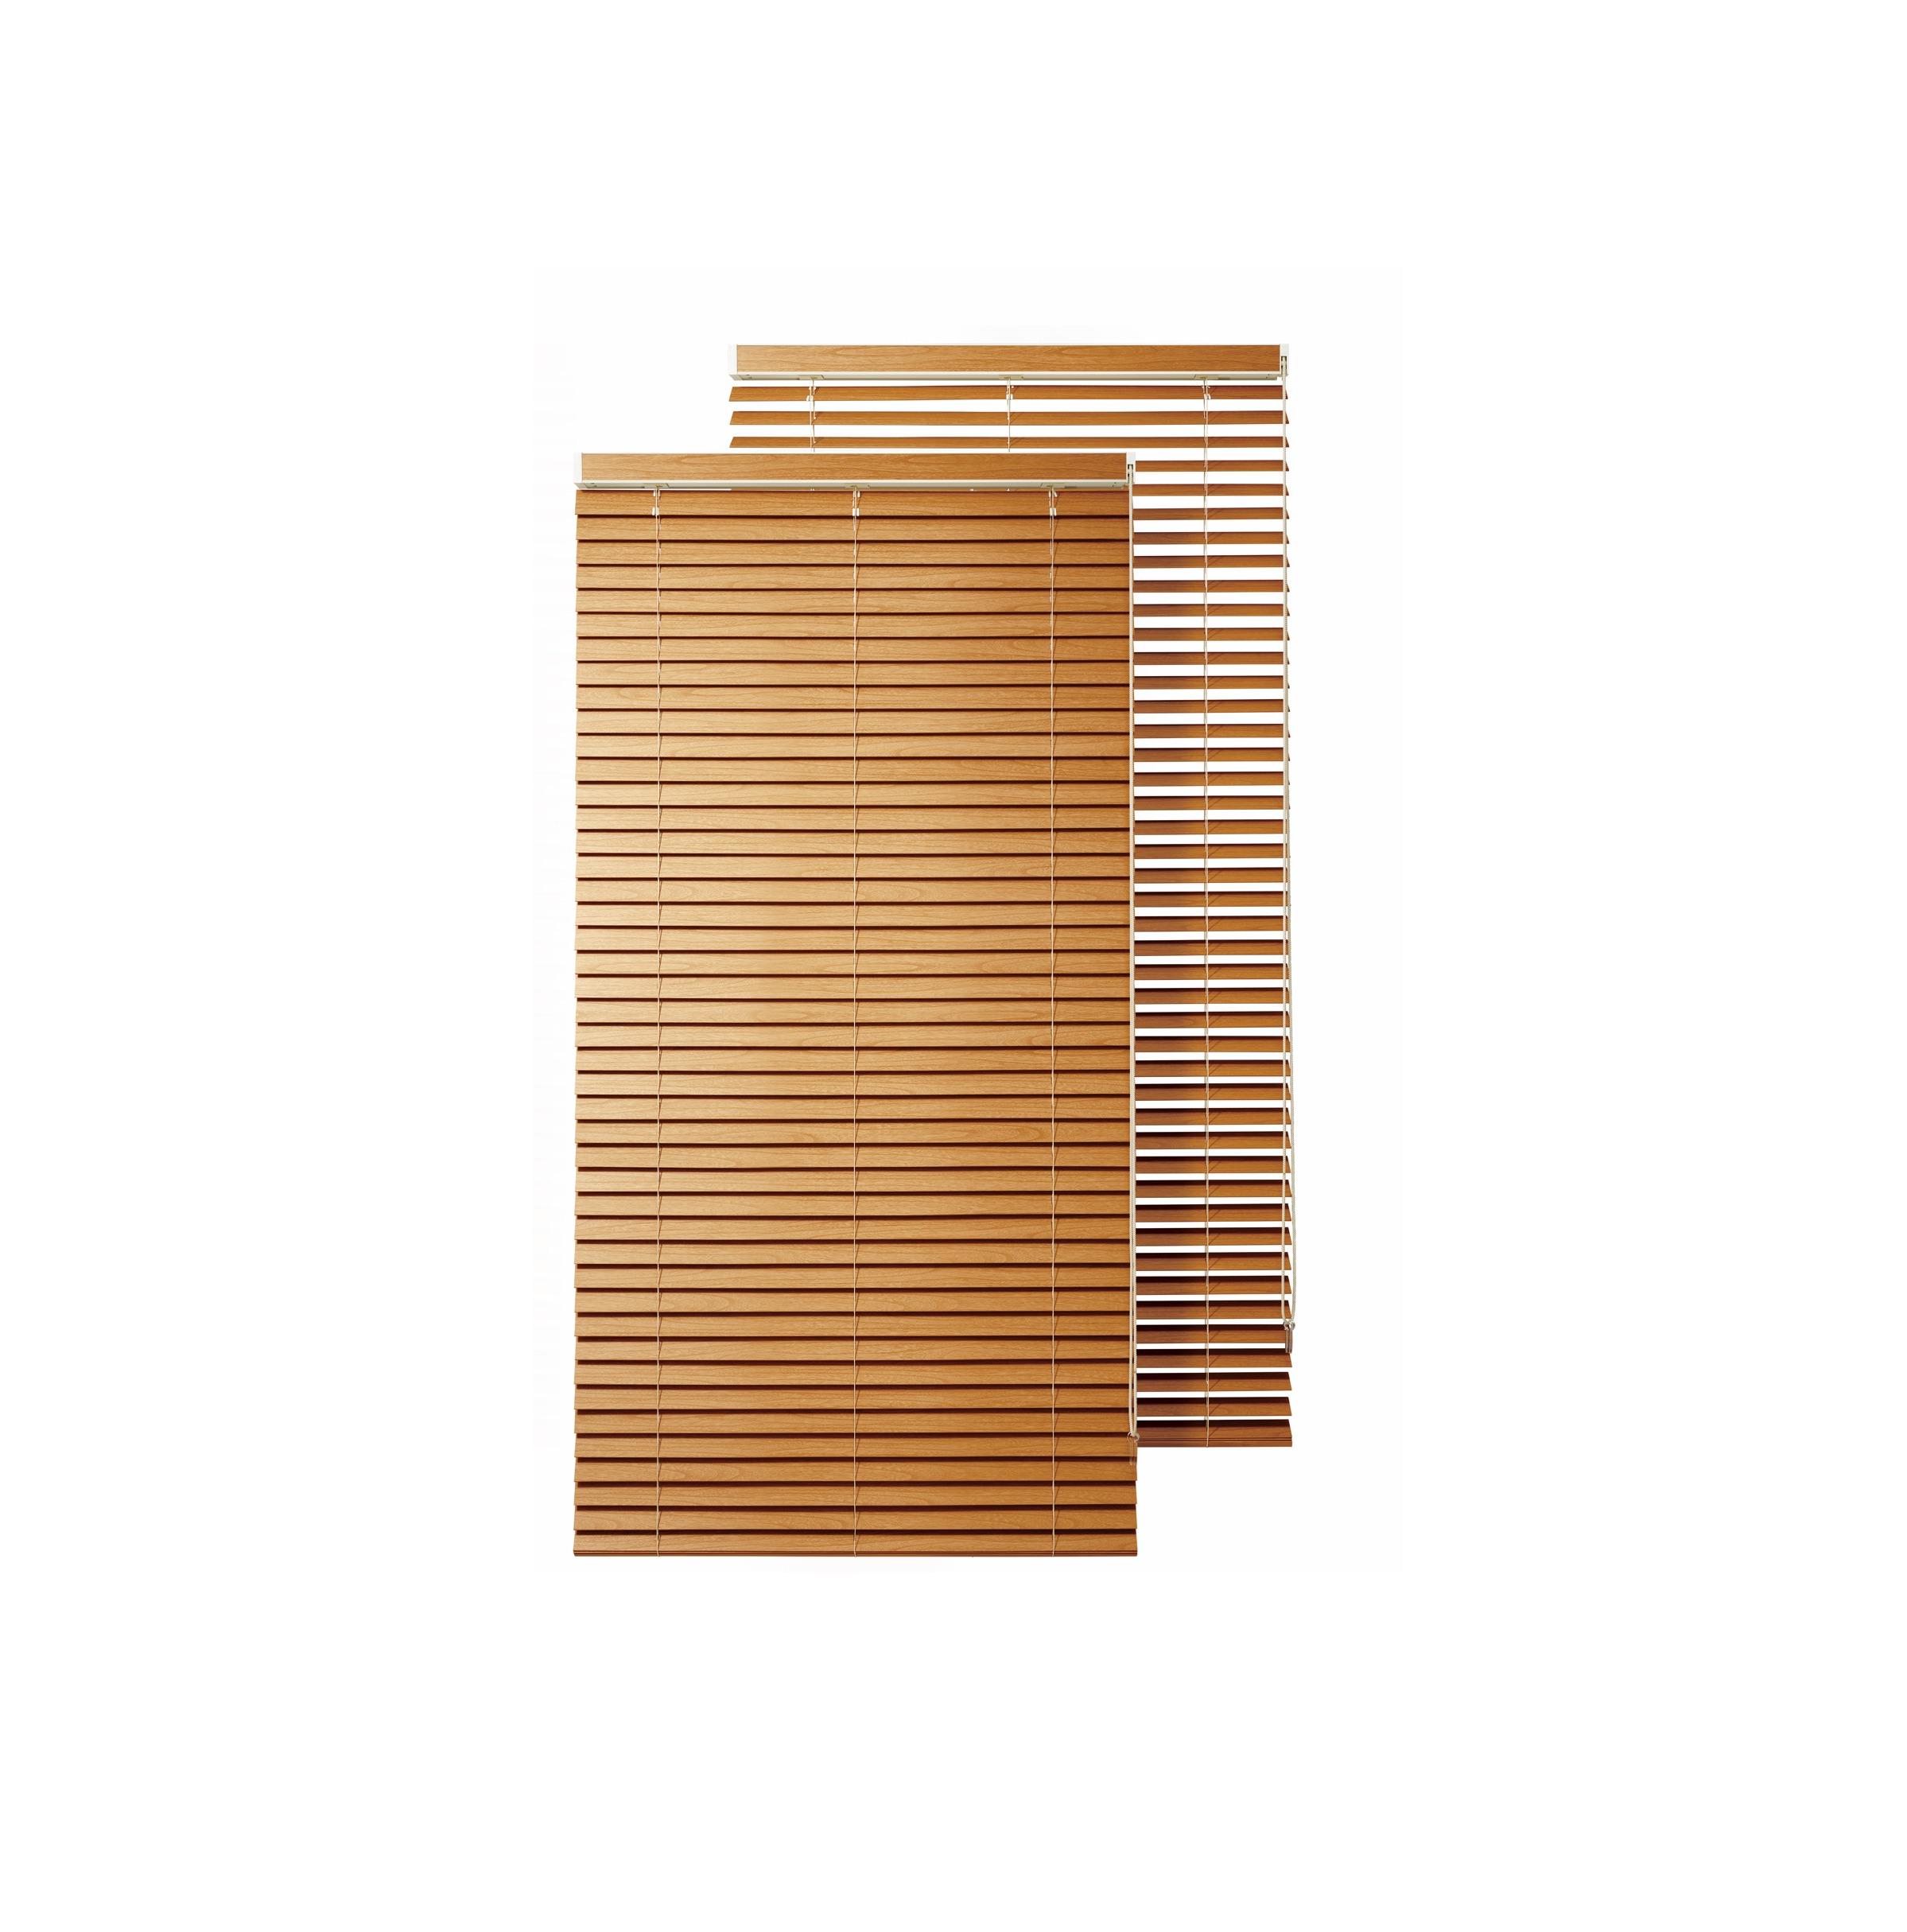 ナニックジャパン、求めやすい価格の桐製ブラインド